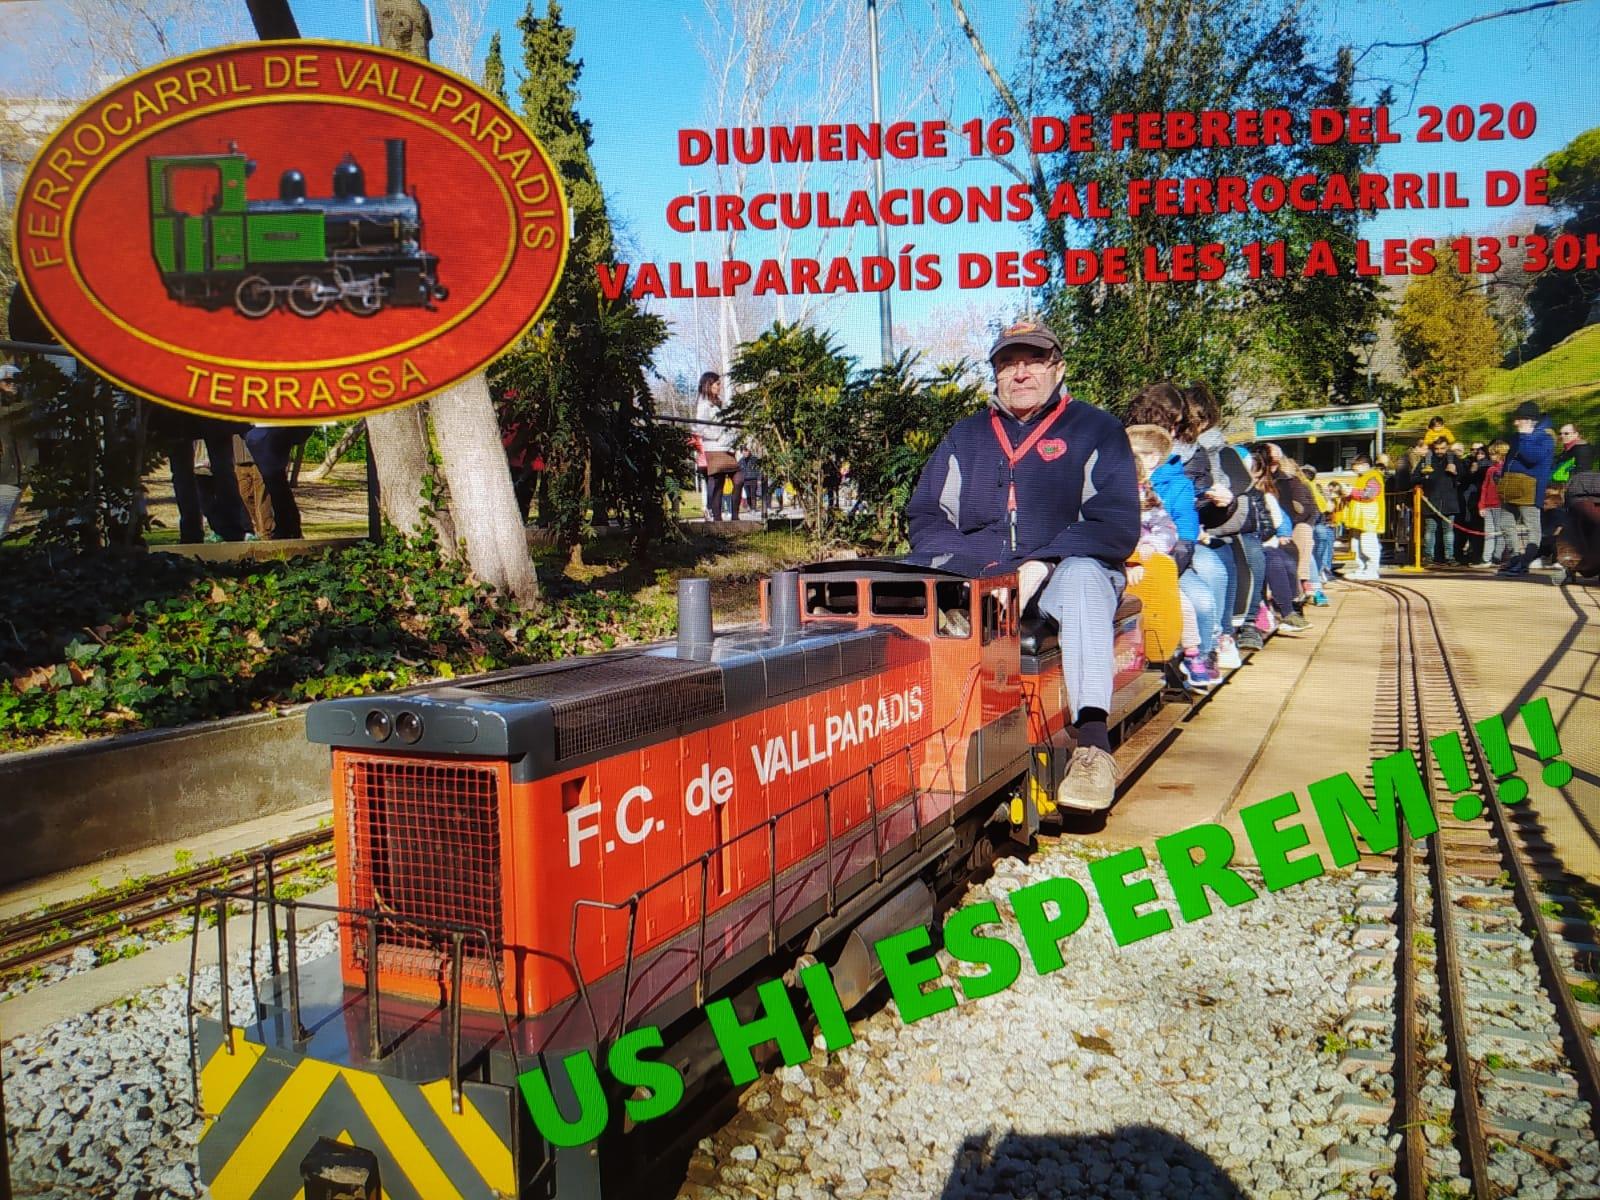 Recordatori de la Junta. Vocalia d'Activitats. Circulacions al Tren de Vallparadís. 16-FEB-2020